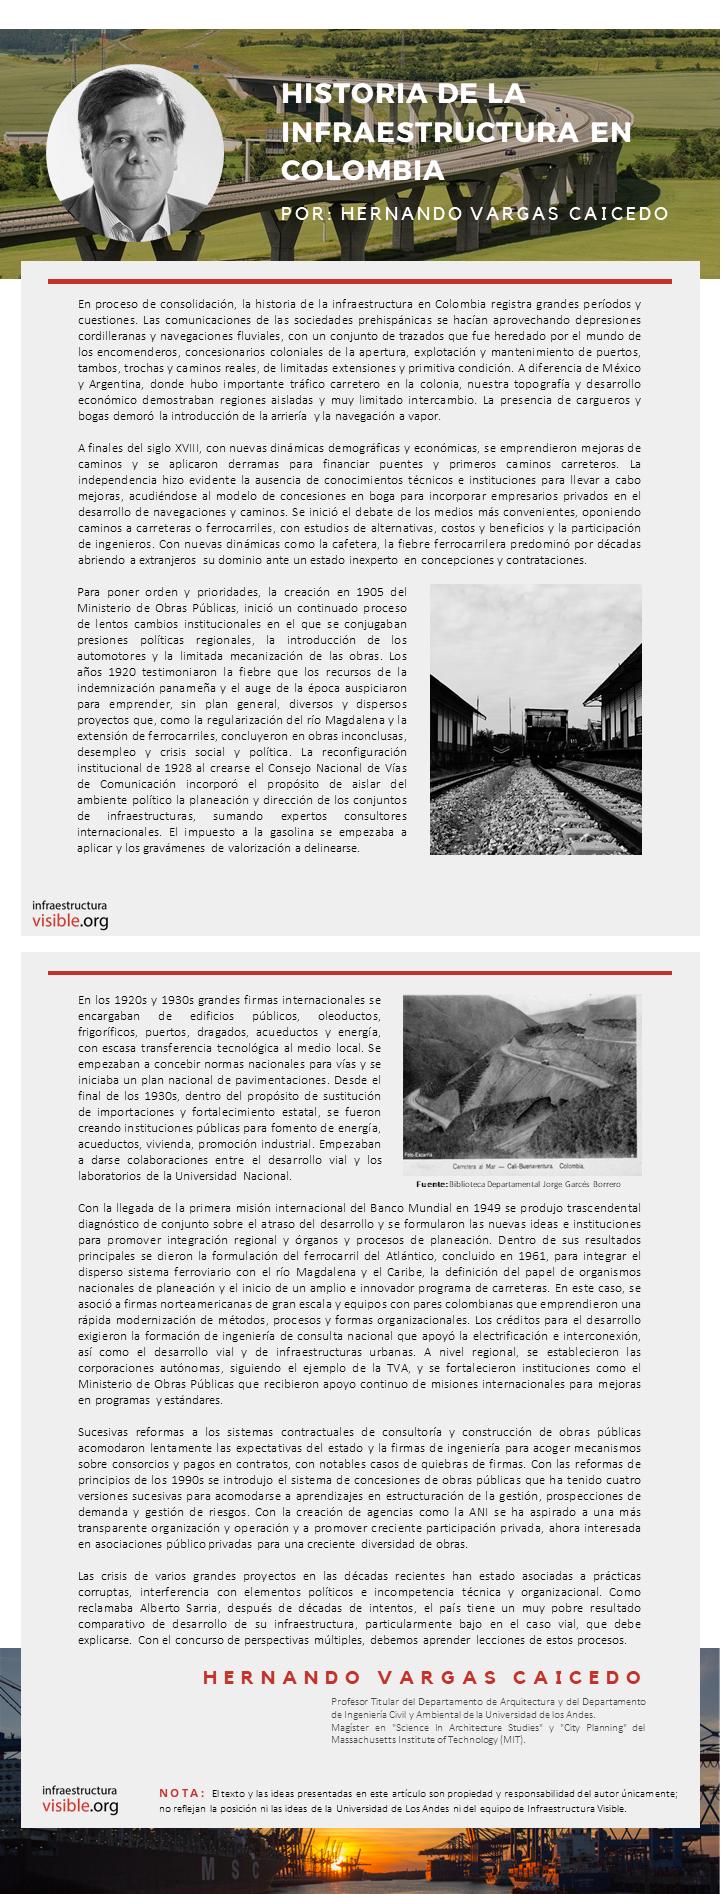 Historia de la Infraestructura en Colombia